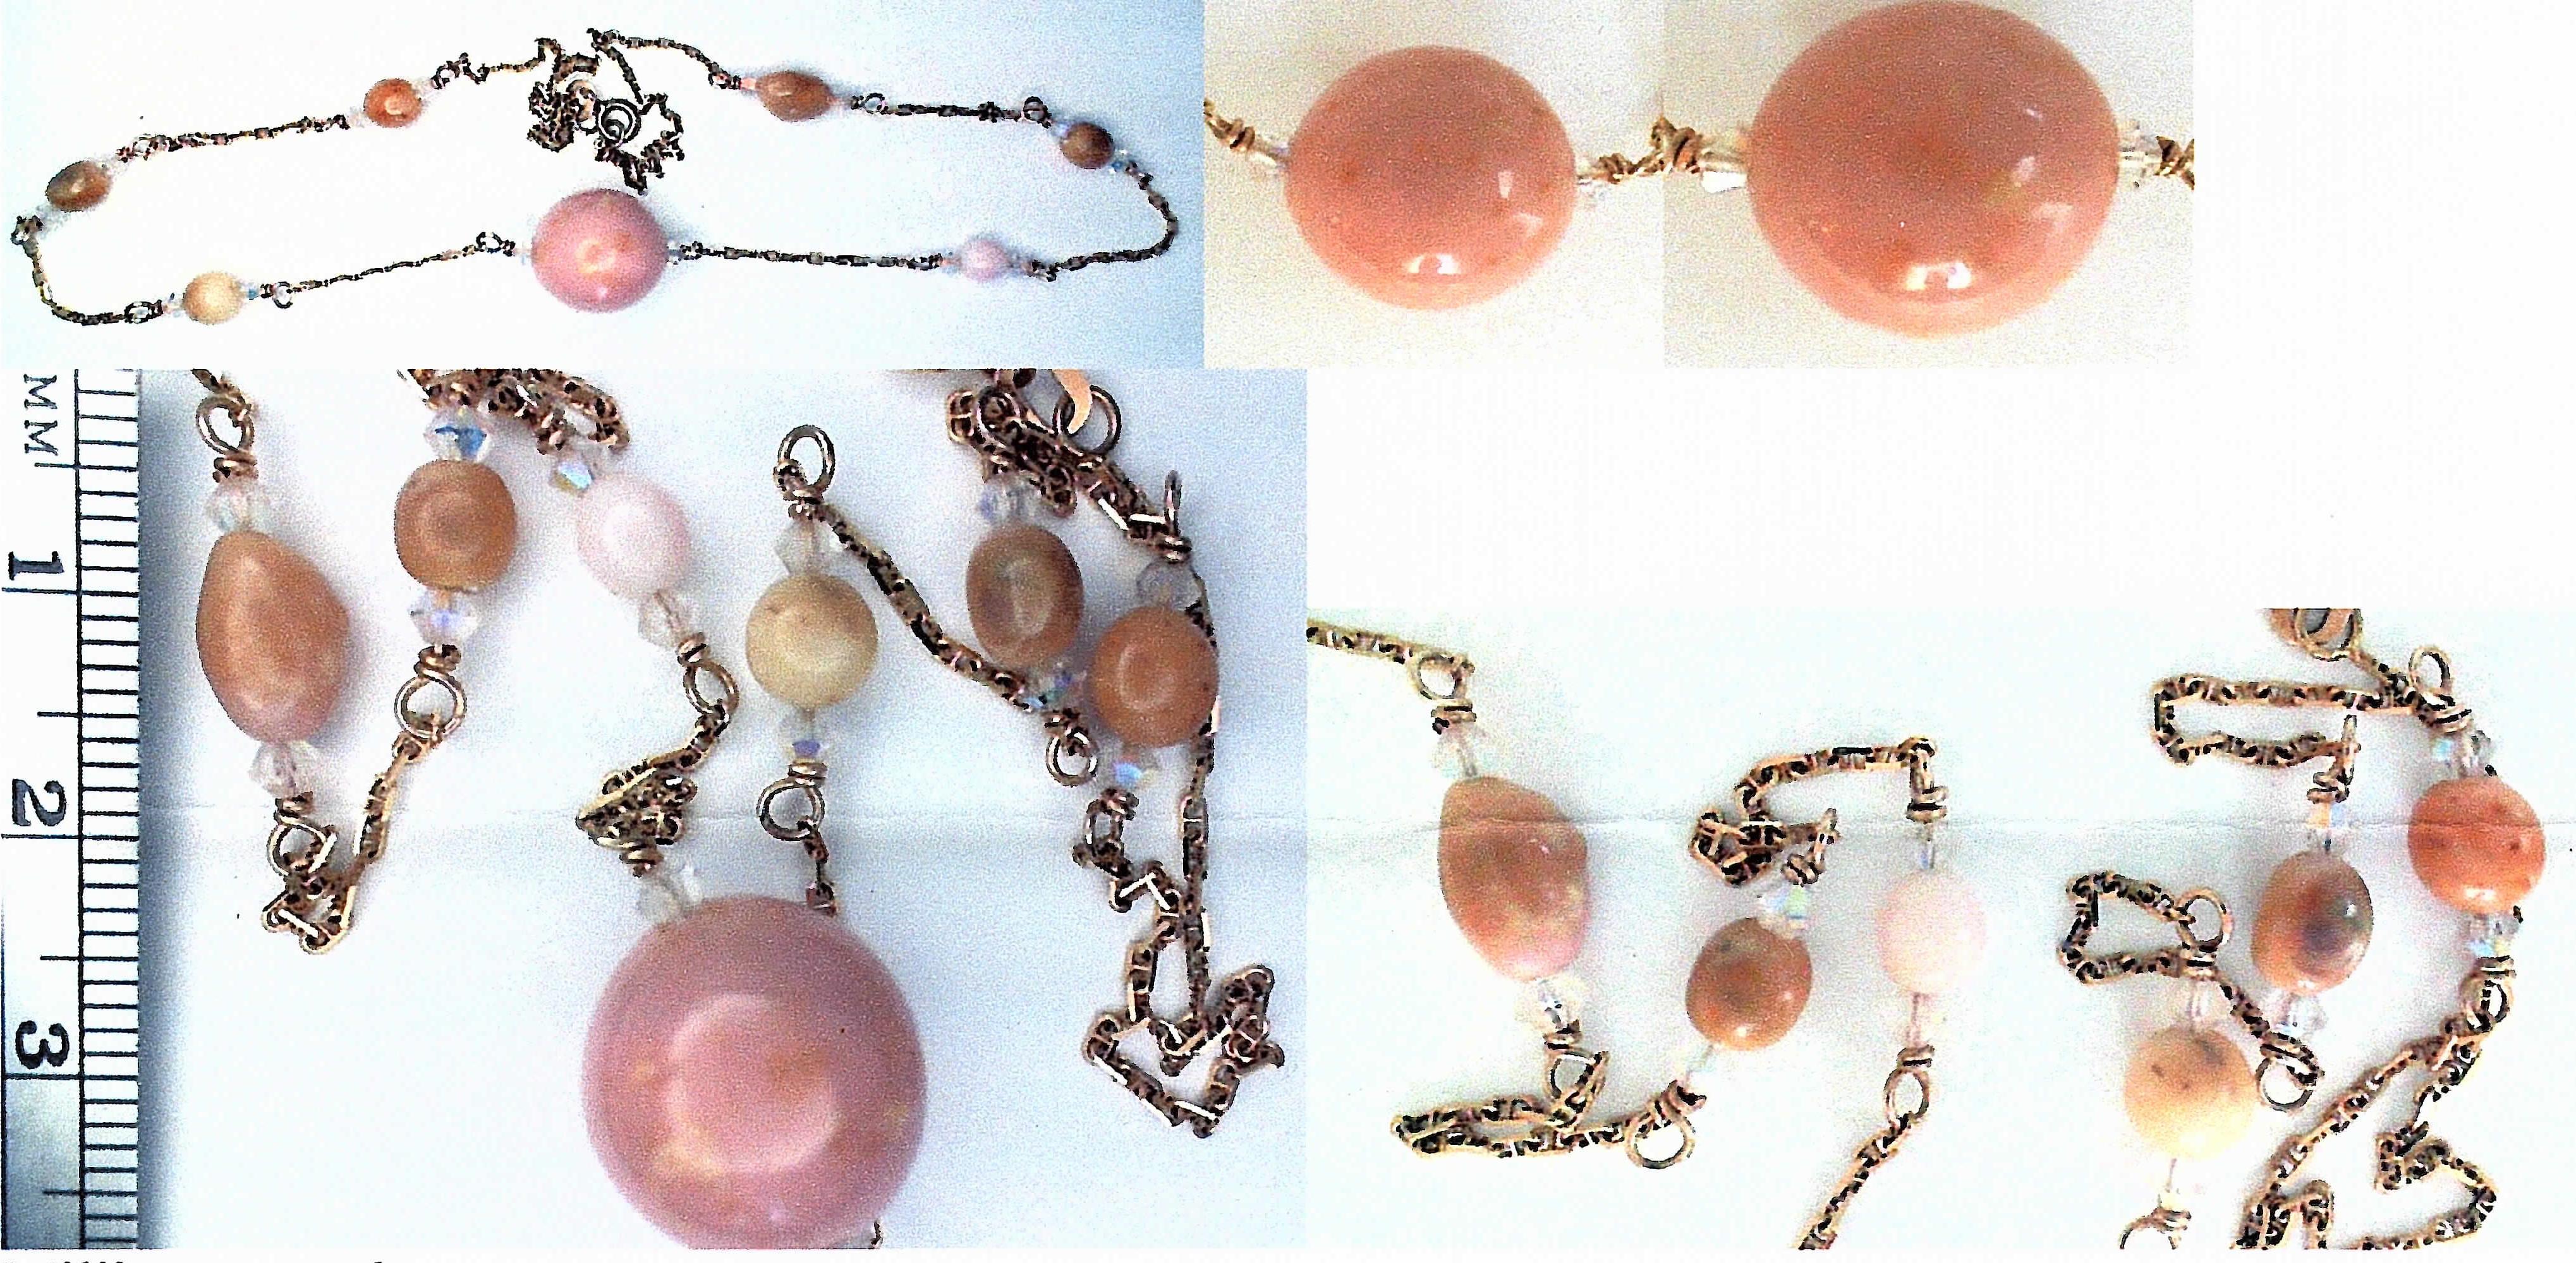 Torus pink 18-25MM HUGE baroque purple pearl earrings 18K natural south sea